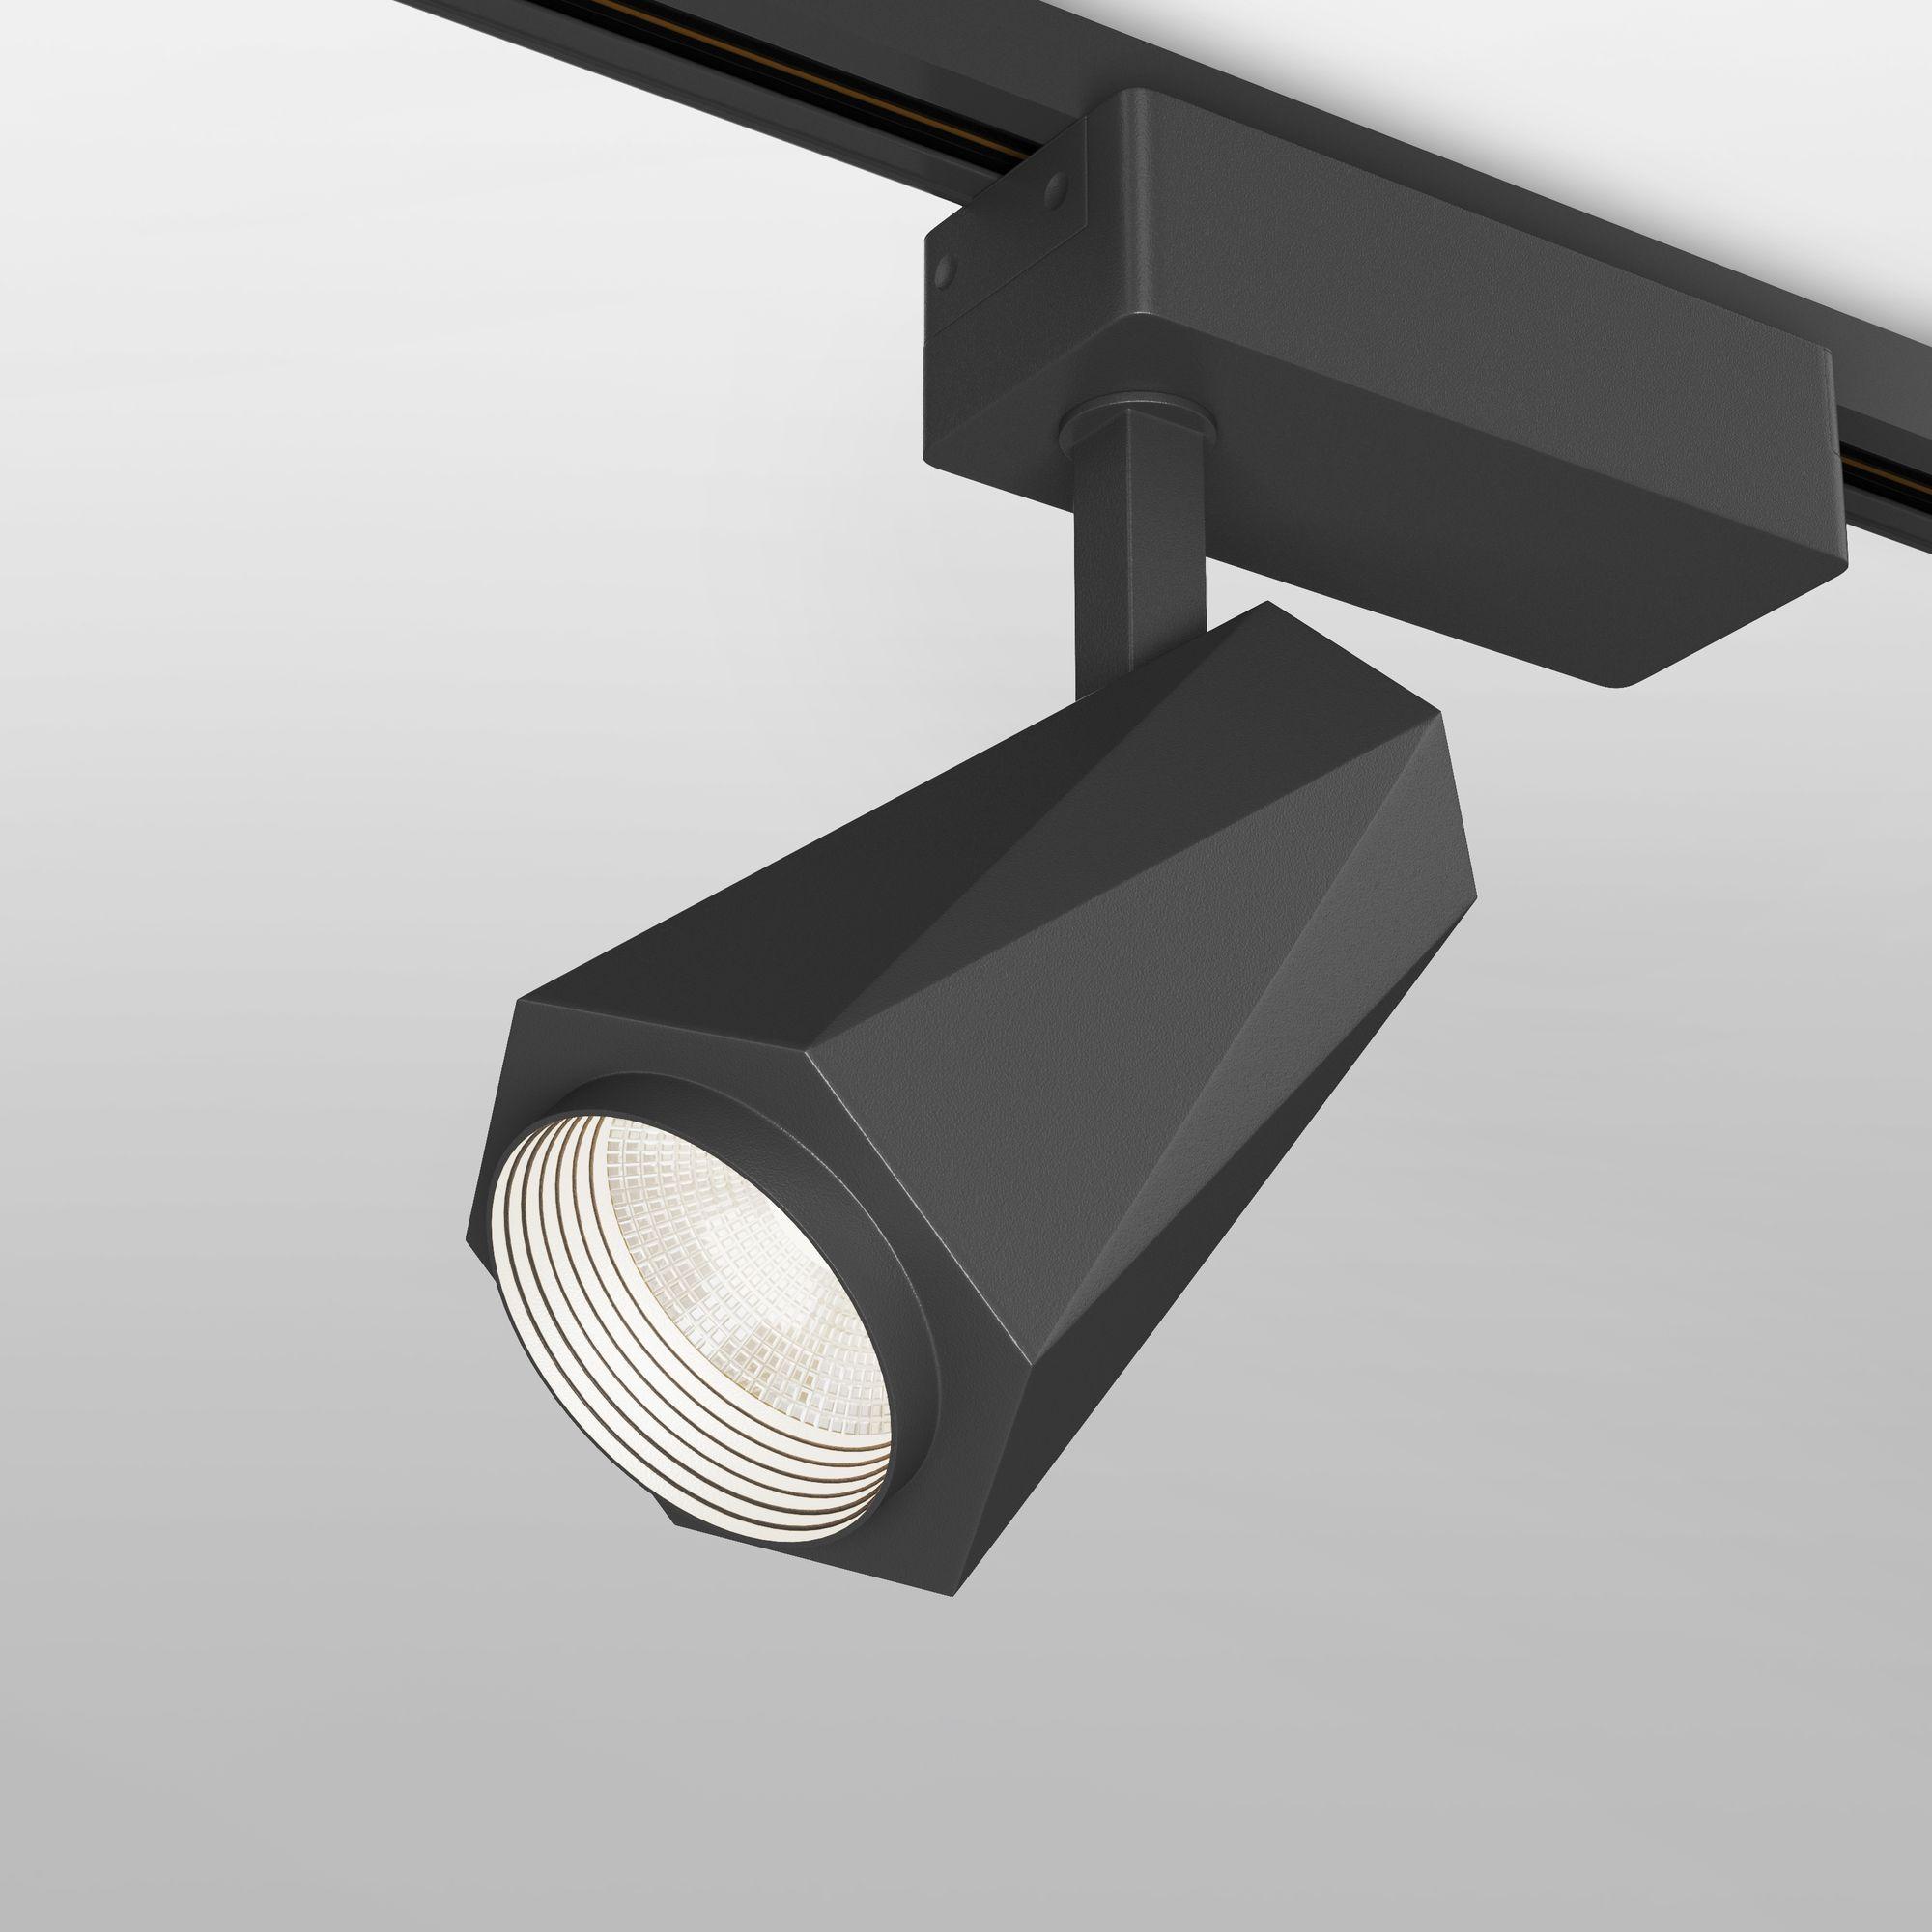 Трековый светодиодный светильник для однофазного шинопровода Magnum чёрный 20W 4200K (1 шт.) LTB46